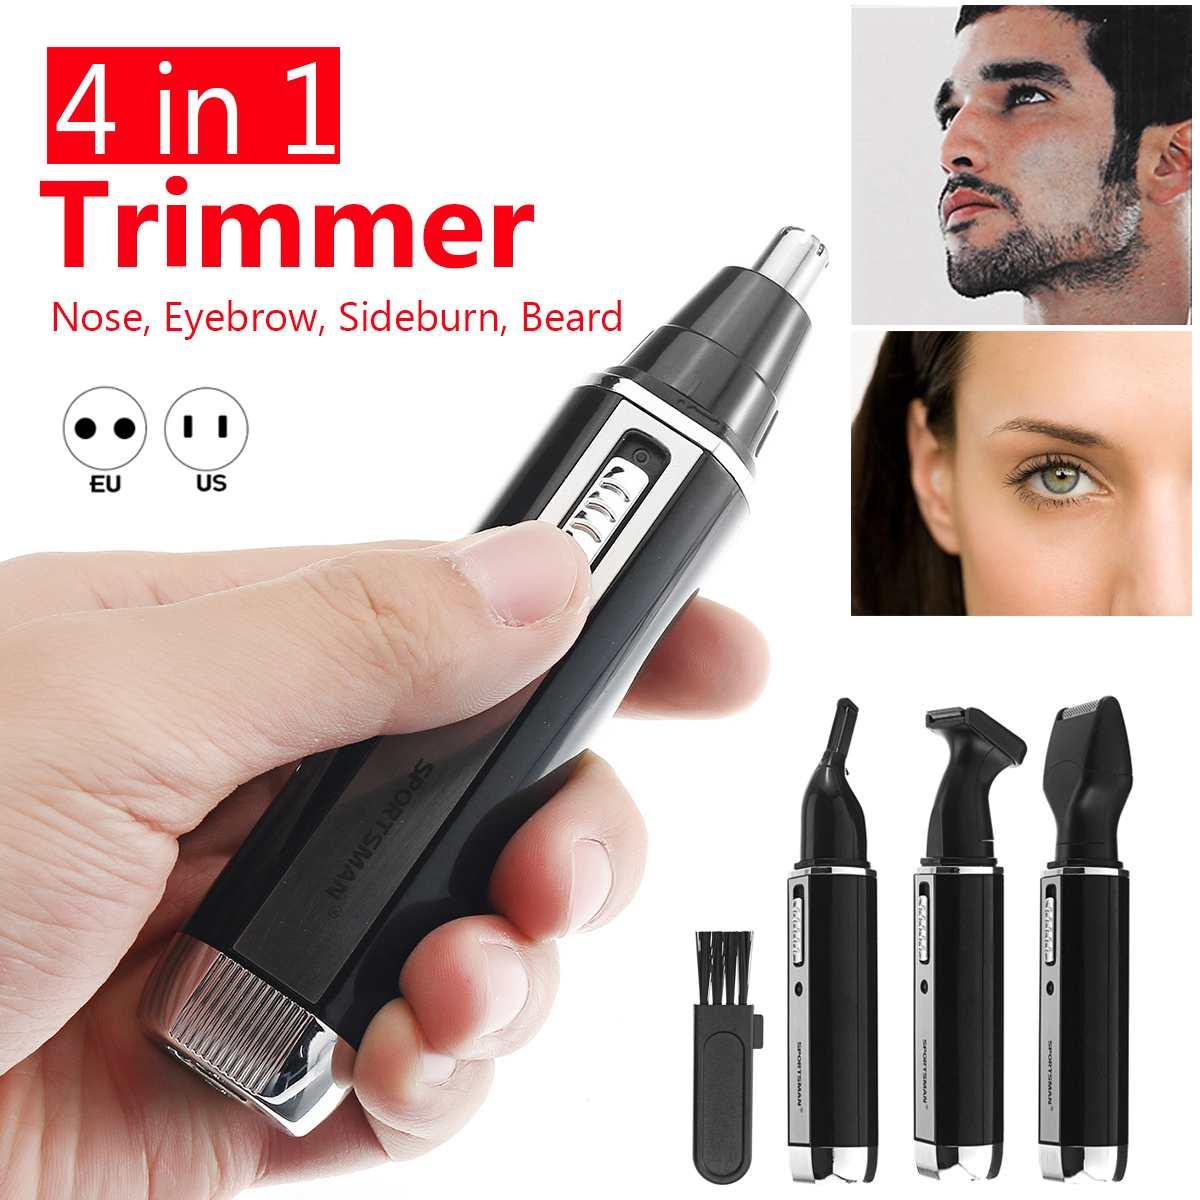 Cortador de pelo de los oídos eléctrico 4 en 1 para hombres, afeitadora recargable para Barba, cejas, afeitadora, eliminación de vello facial, recortadora de ojos